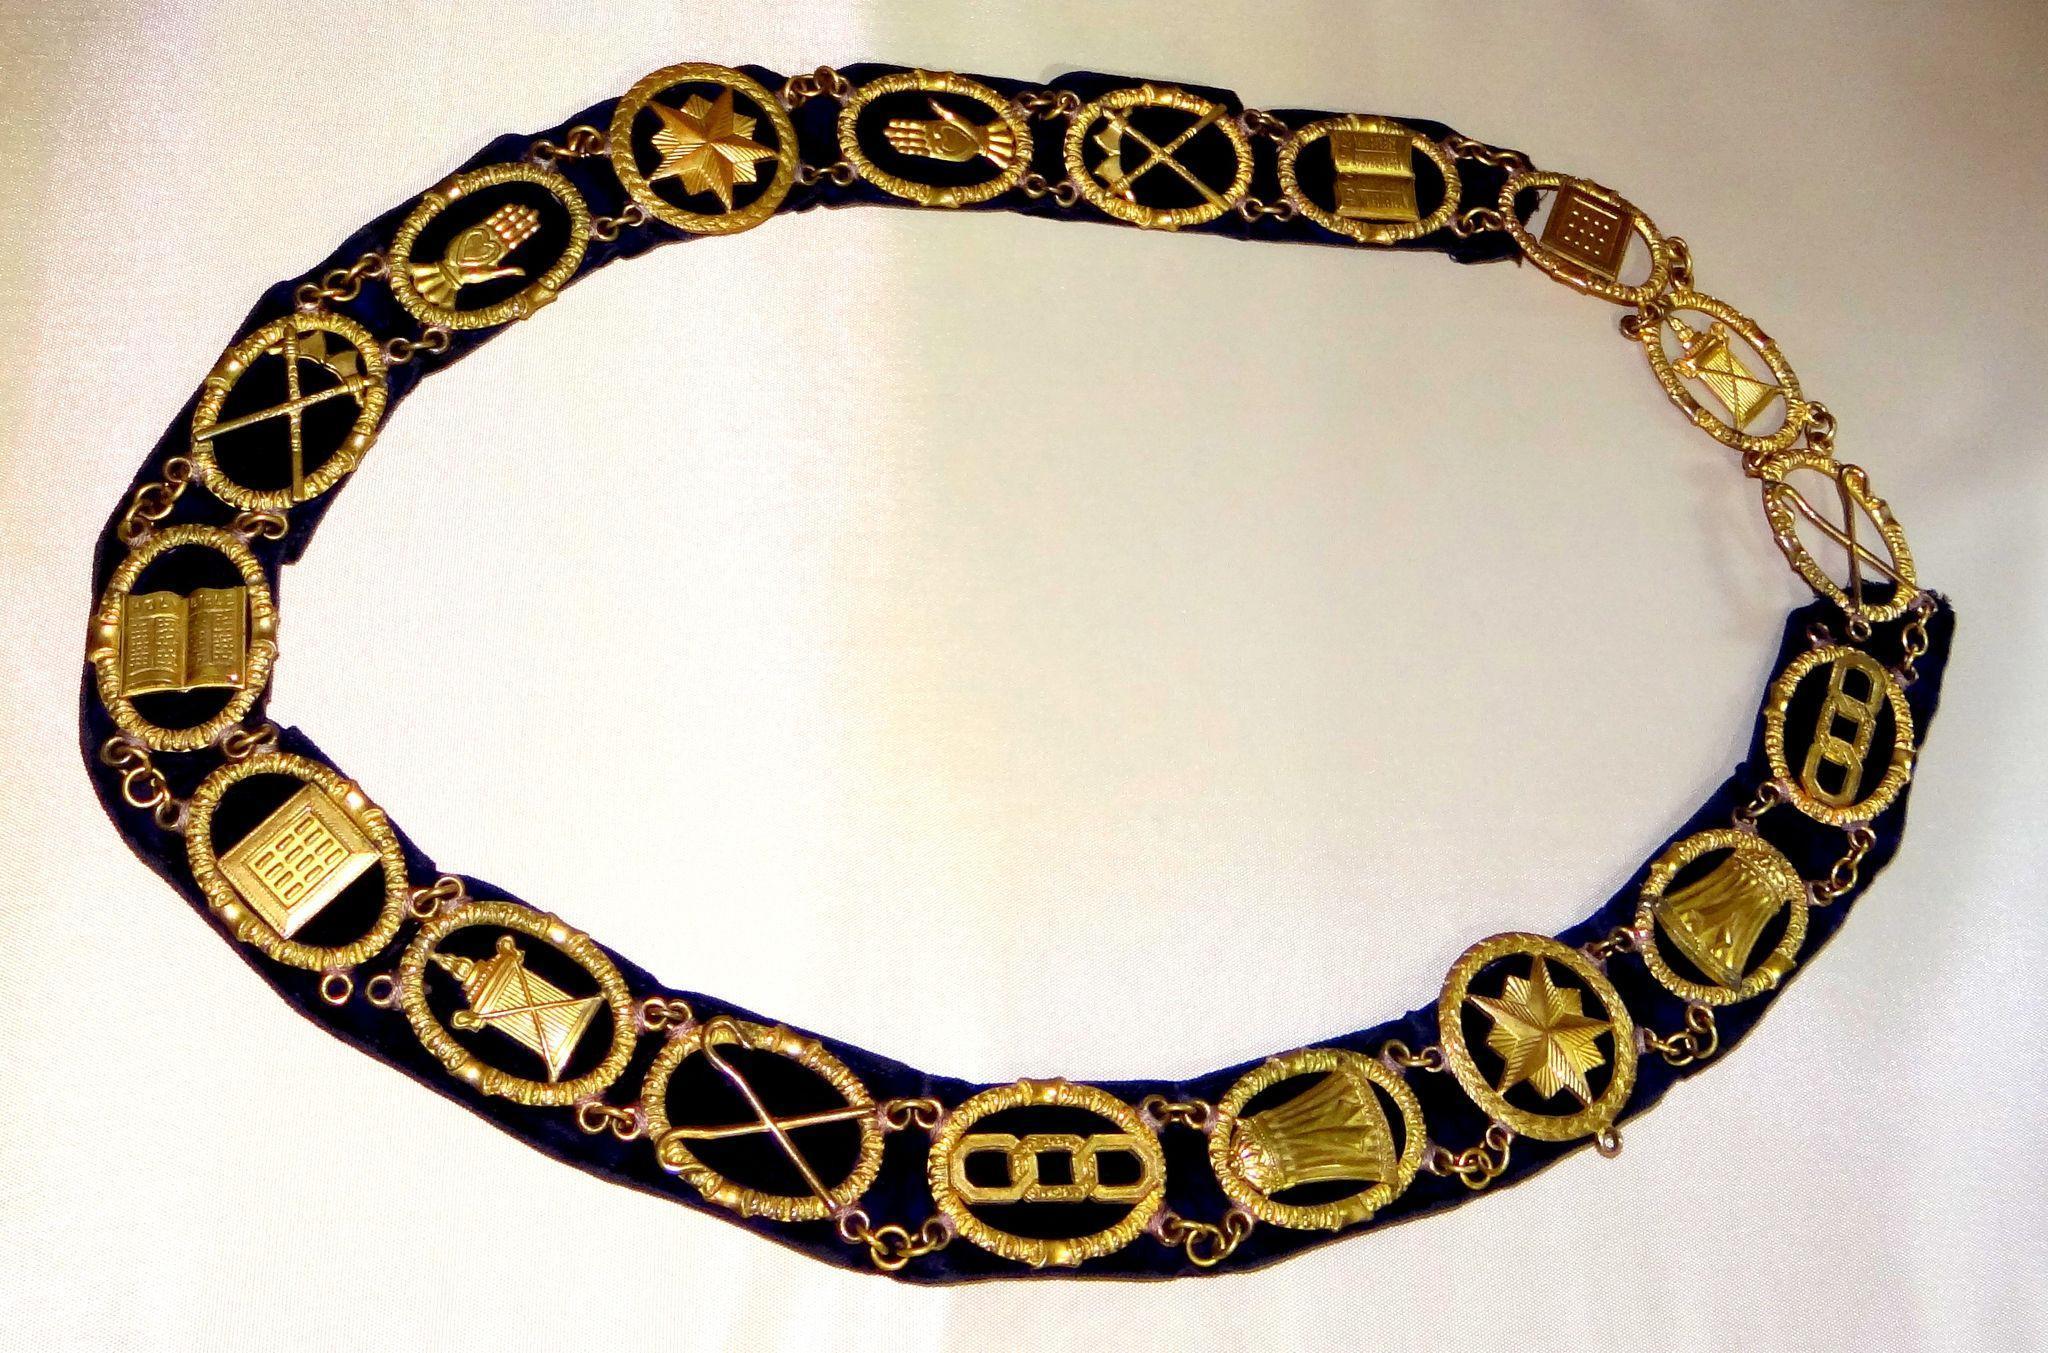 I.O.O.F. Independent Order of Odd Fellows Brass & Velvet Sash